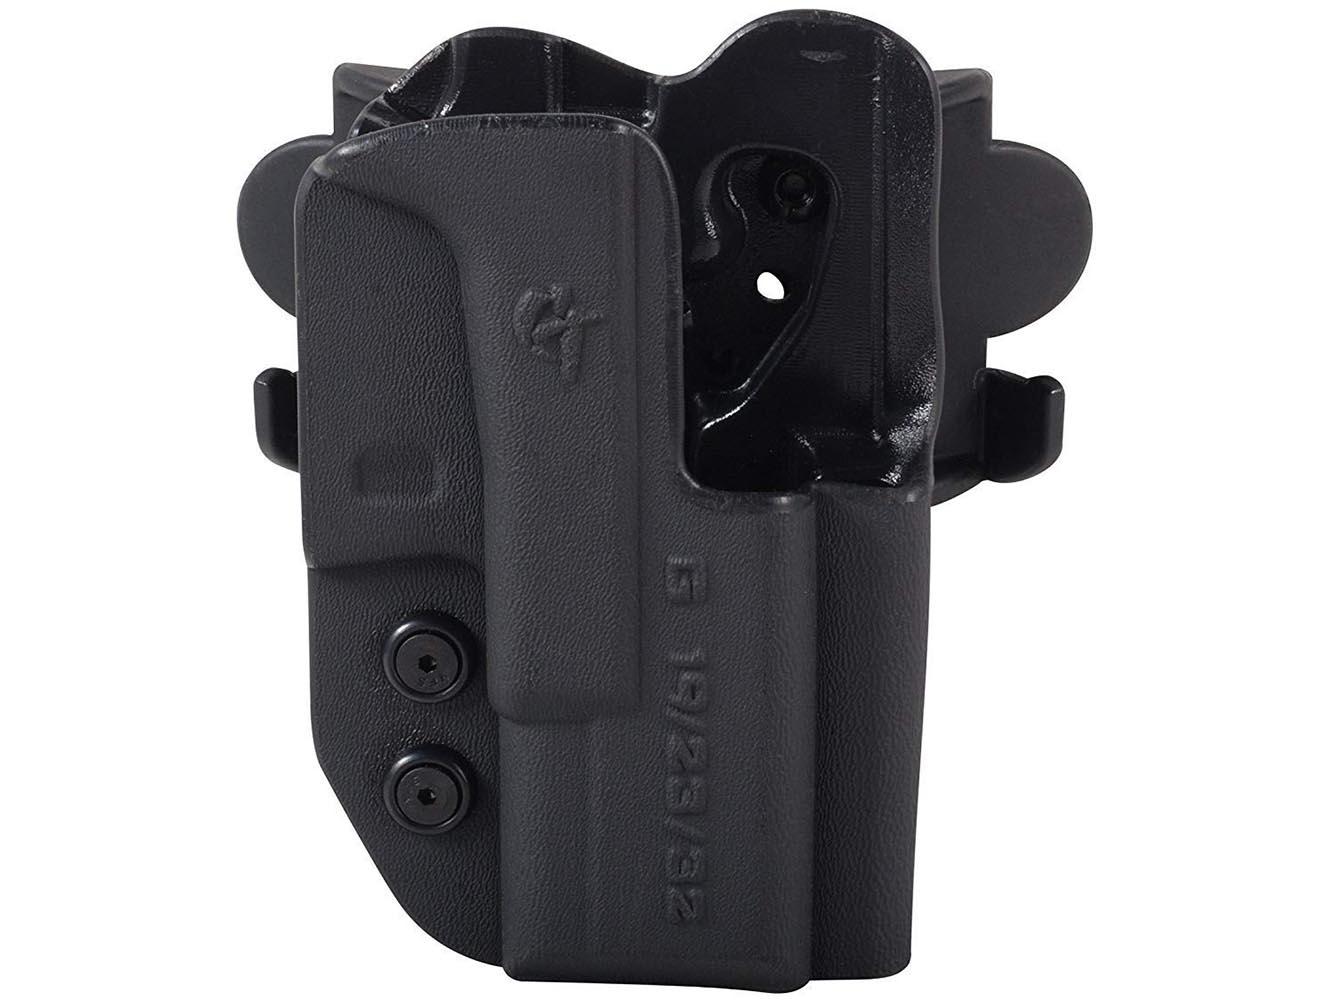 COMP-TAC International OWB Modular Mount RSC Black Holster For Glock 41 (C241GL065RBKN)